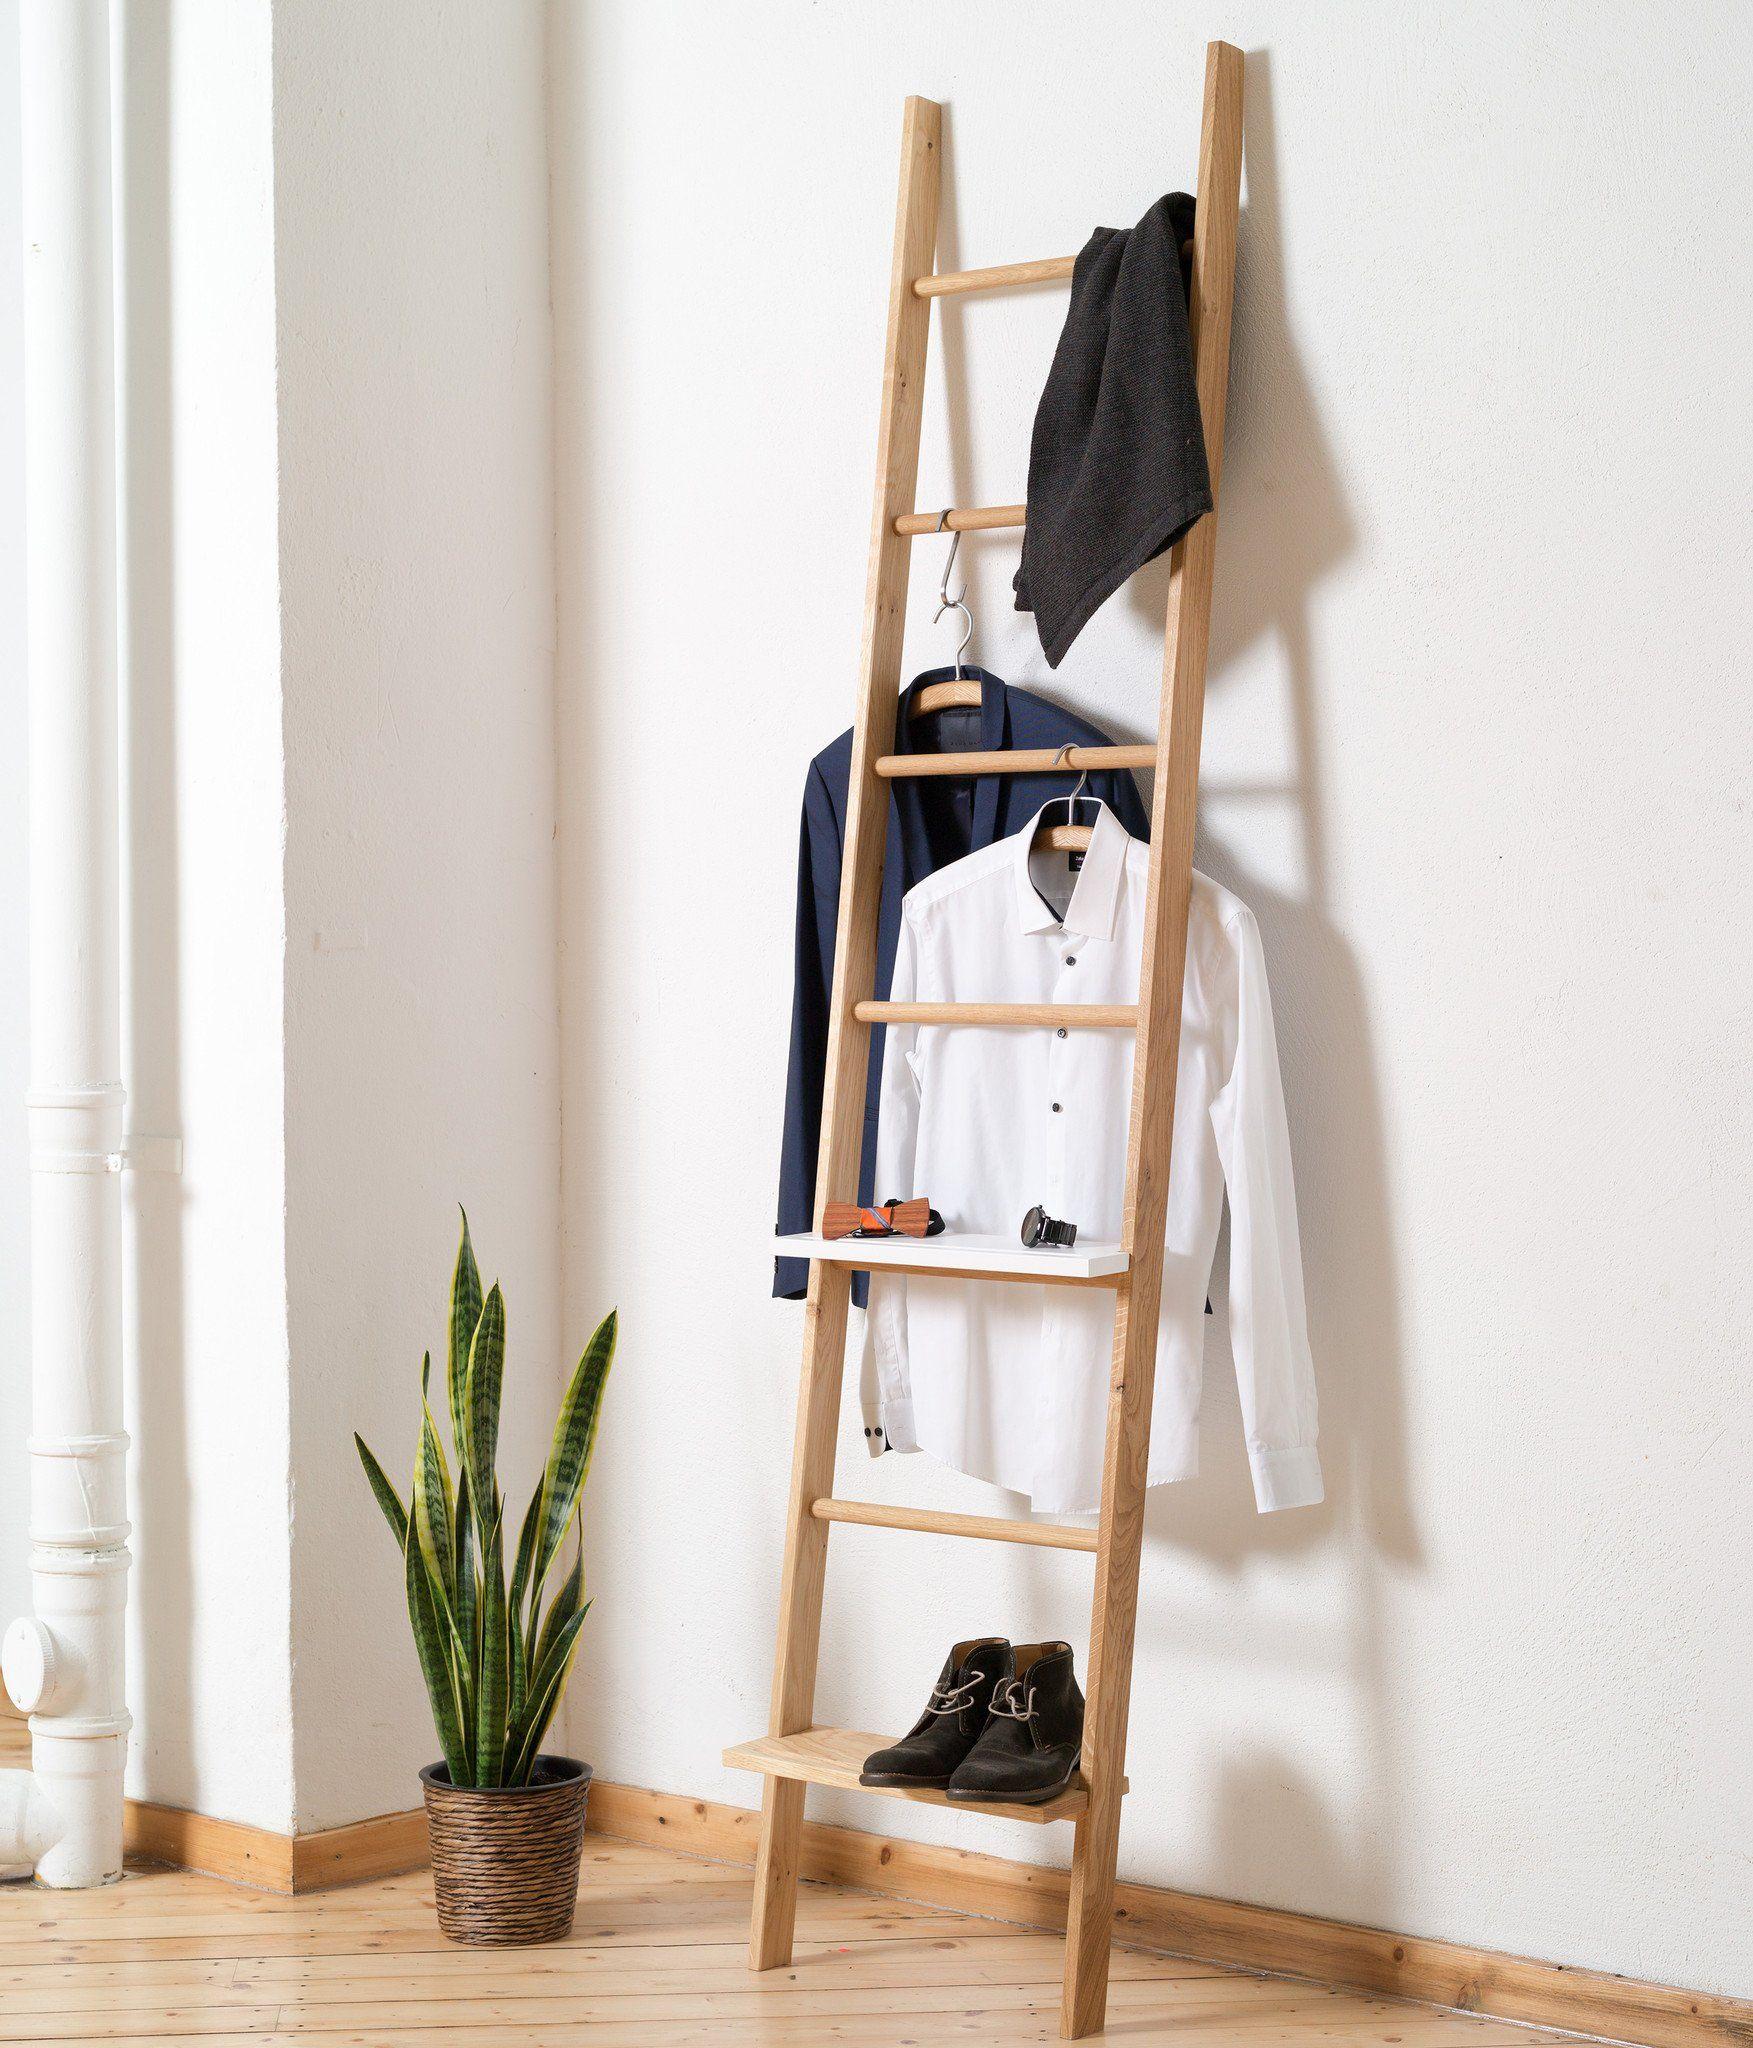 Kleiderleiter lang   Massivholz   Kleiderleiter, Schlafzimmer aufbewahrung, Kleiderständer ...